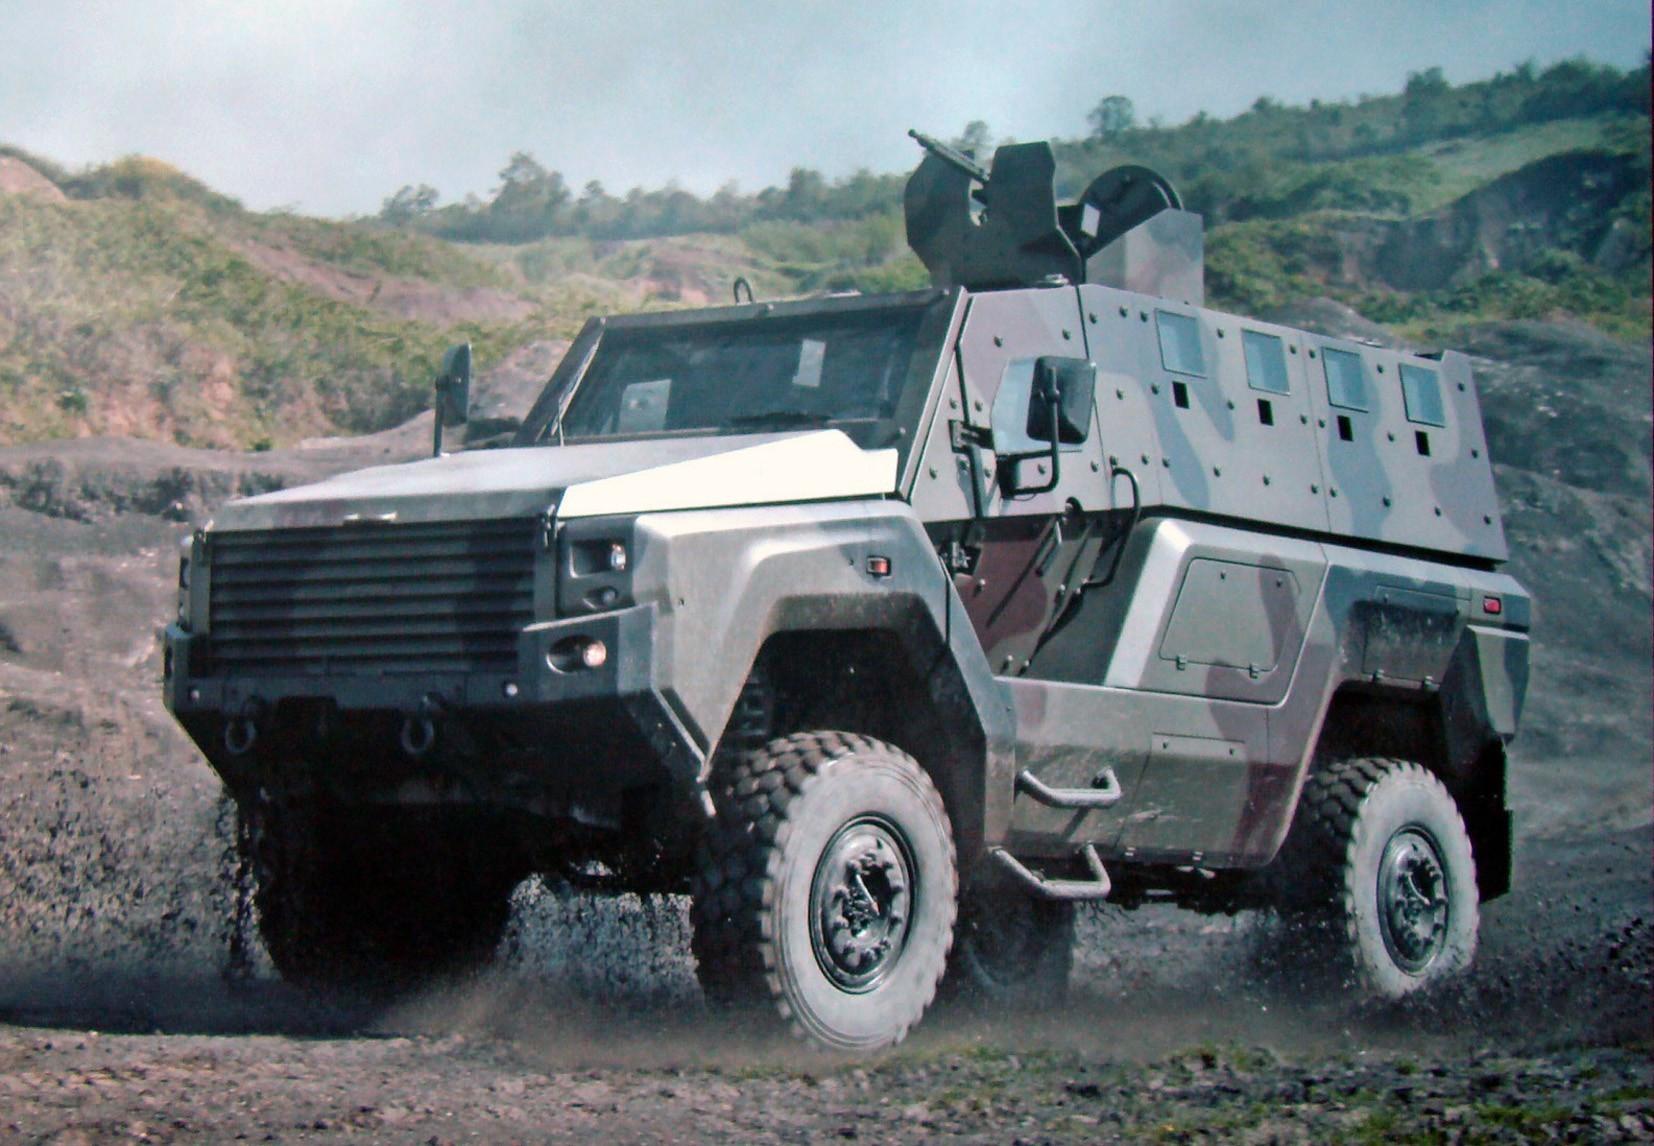 Машины Kaya II с новой бронекапсулой и пулеметным вооружением